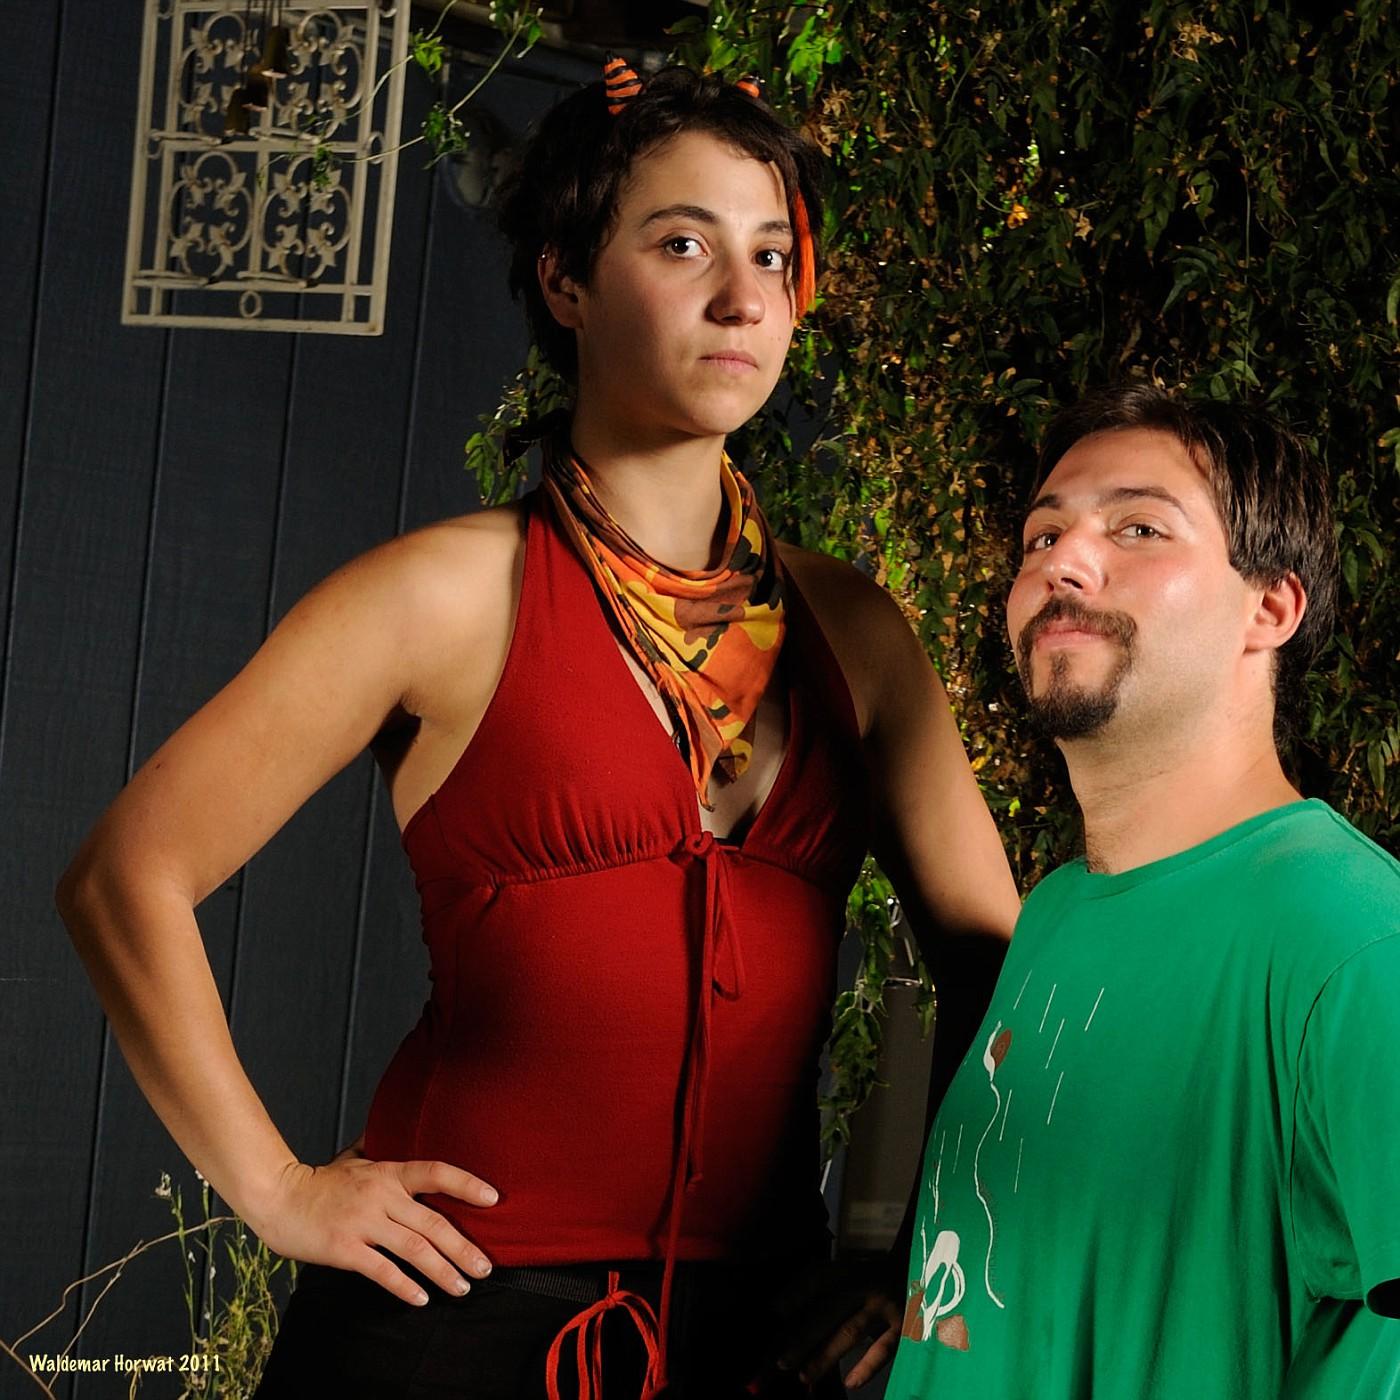 Ellie and Jordan